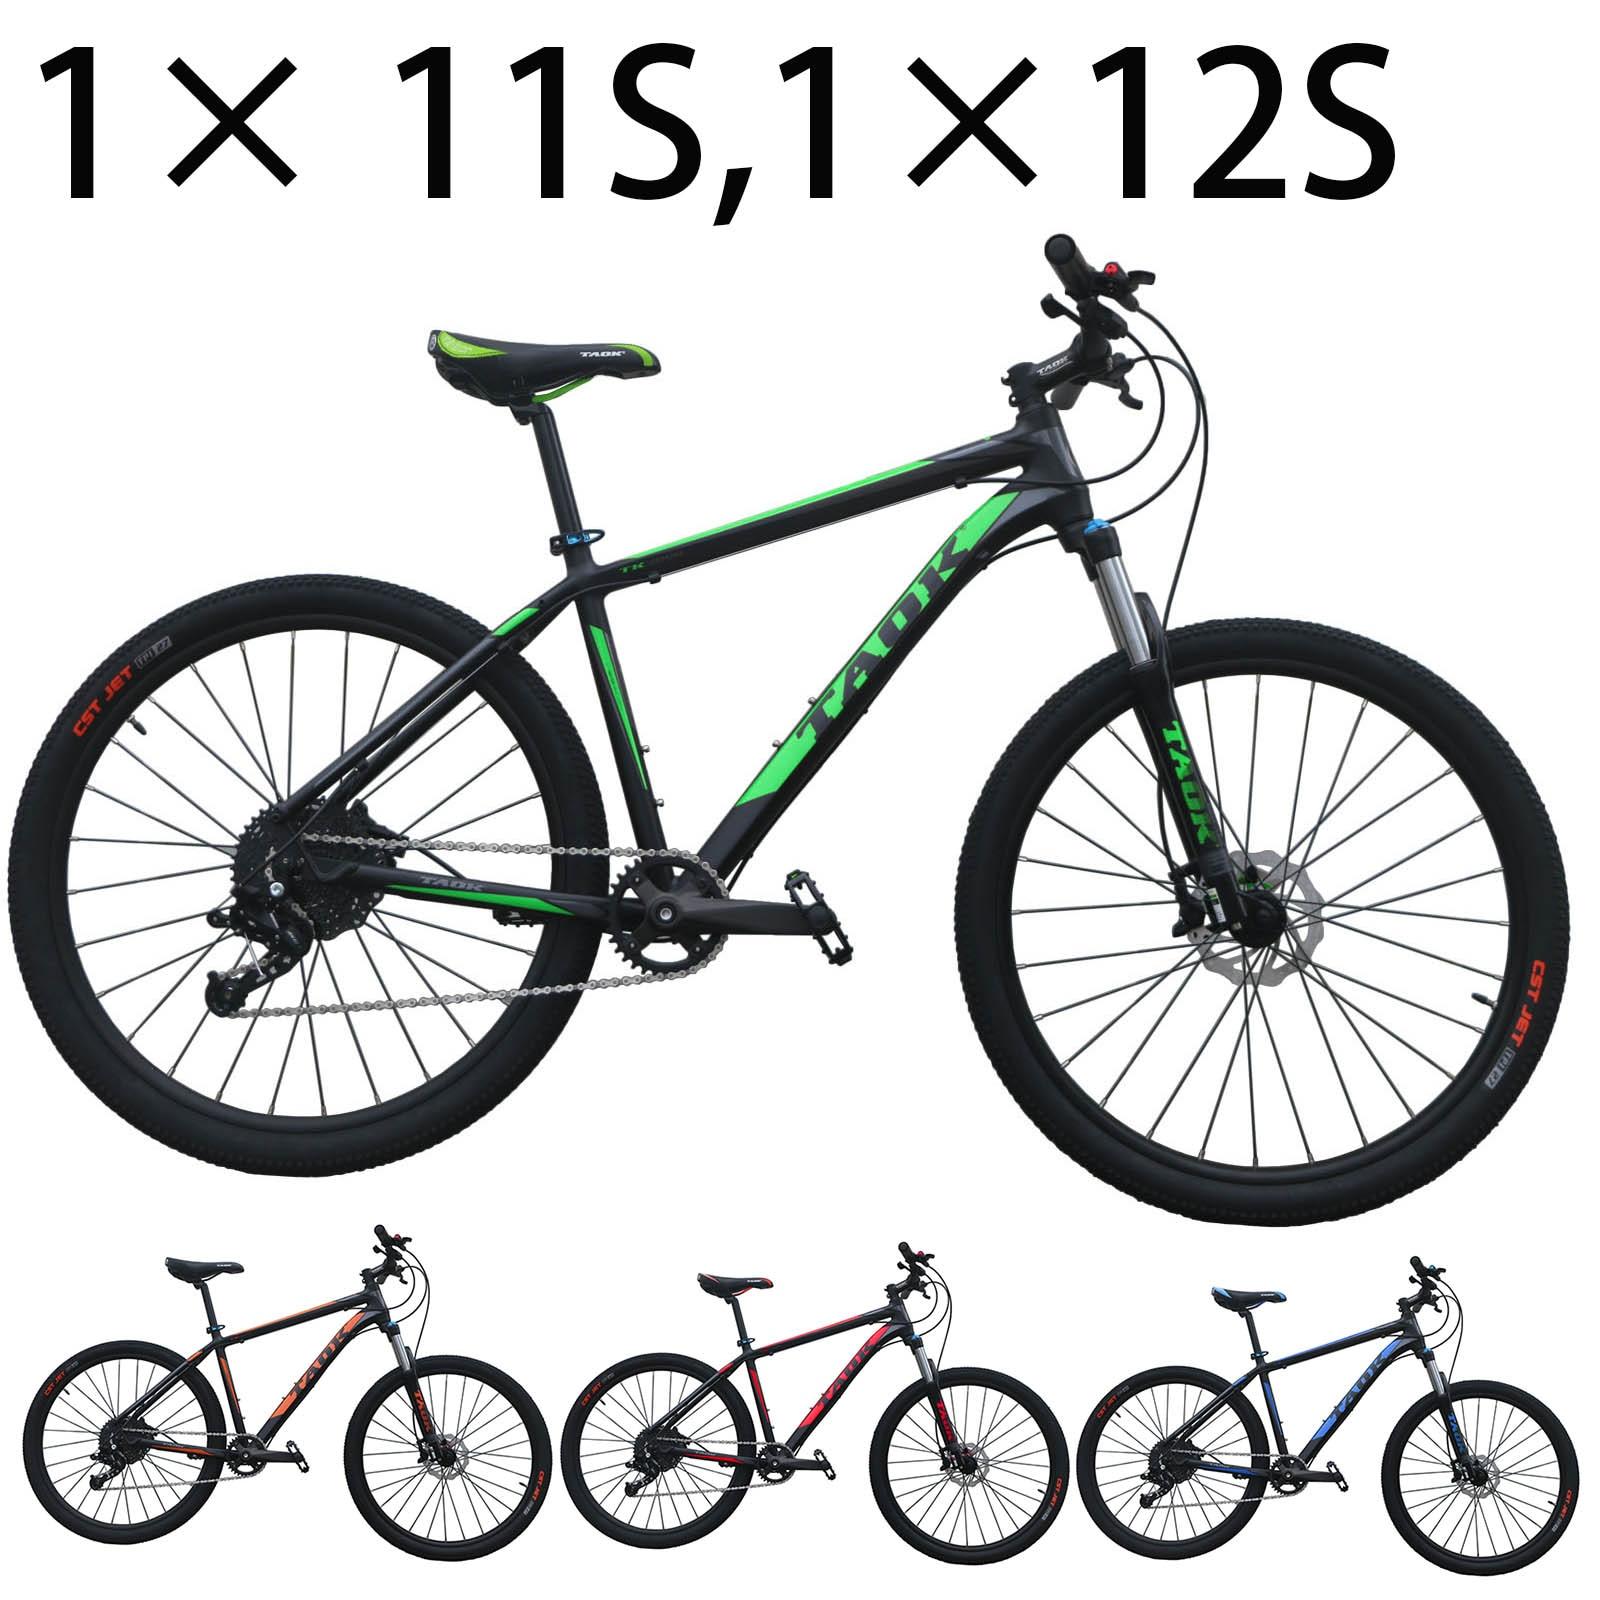 Horquilla de suspensión para Bicicleta de montaña, 11 y 12 velocidades, freno hidráulico, 27,5, 18 pulgadas, marco de aluminio, para adulto, para viaje de ciudad